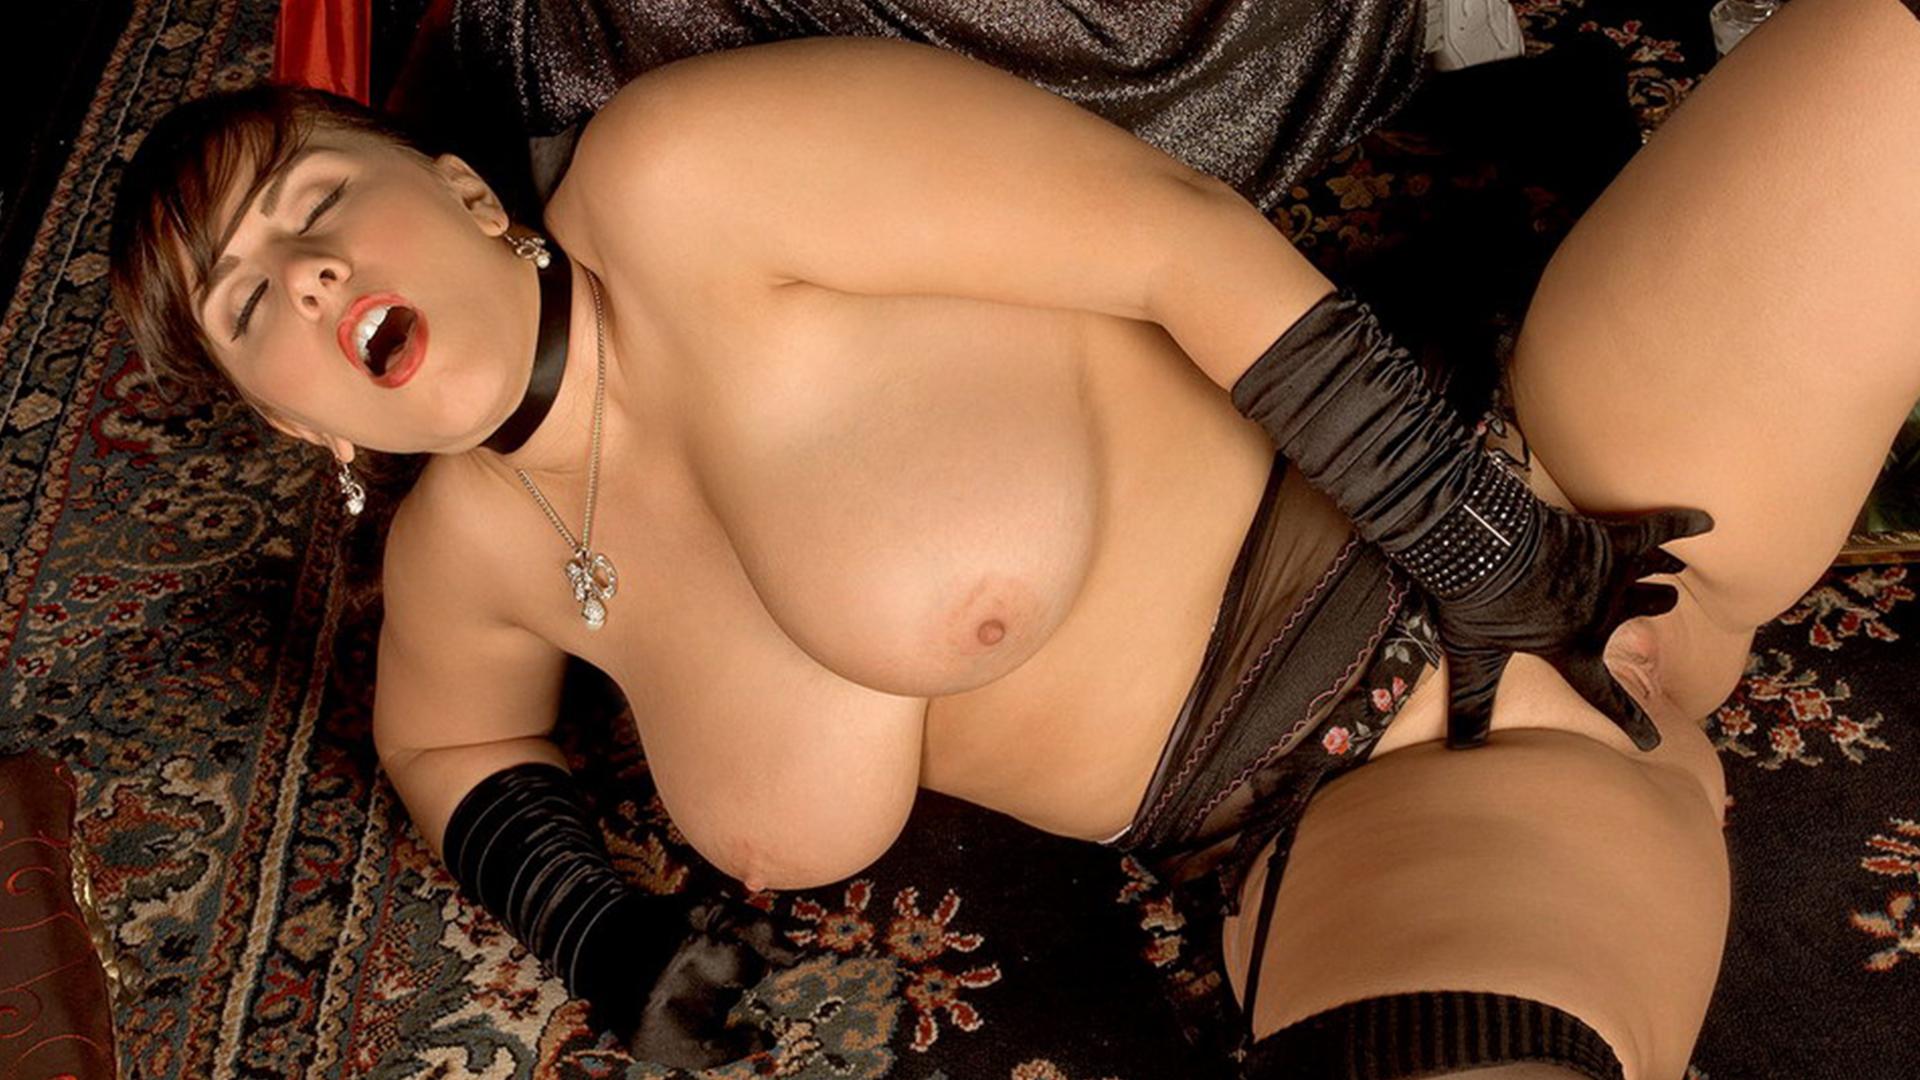 Фото порно красивых пышных девушек, Голые толстушки. Красивые фото голых толстых девушек 7 фотография